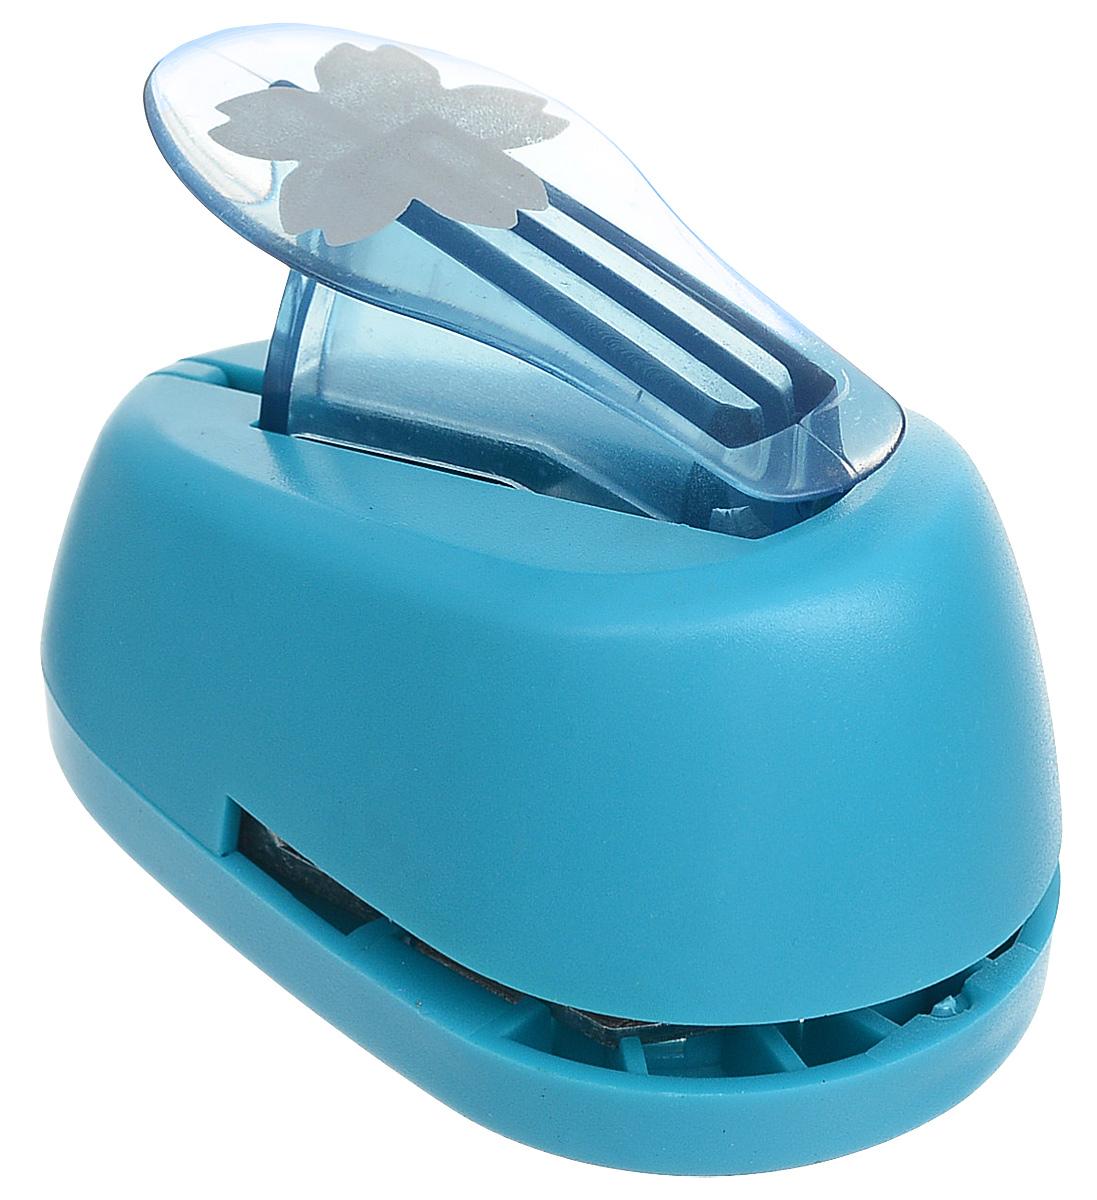 Дырокол фигурный Hobbyboom  Лотос , №4, цвет: голубой, 2,5 см -  Степлеры, дыроколы